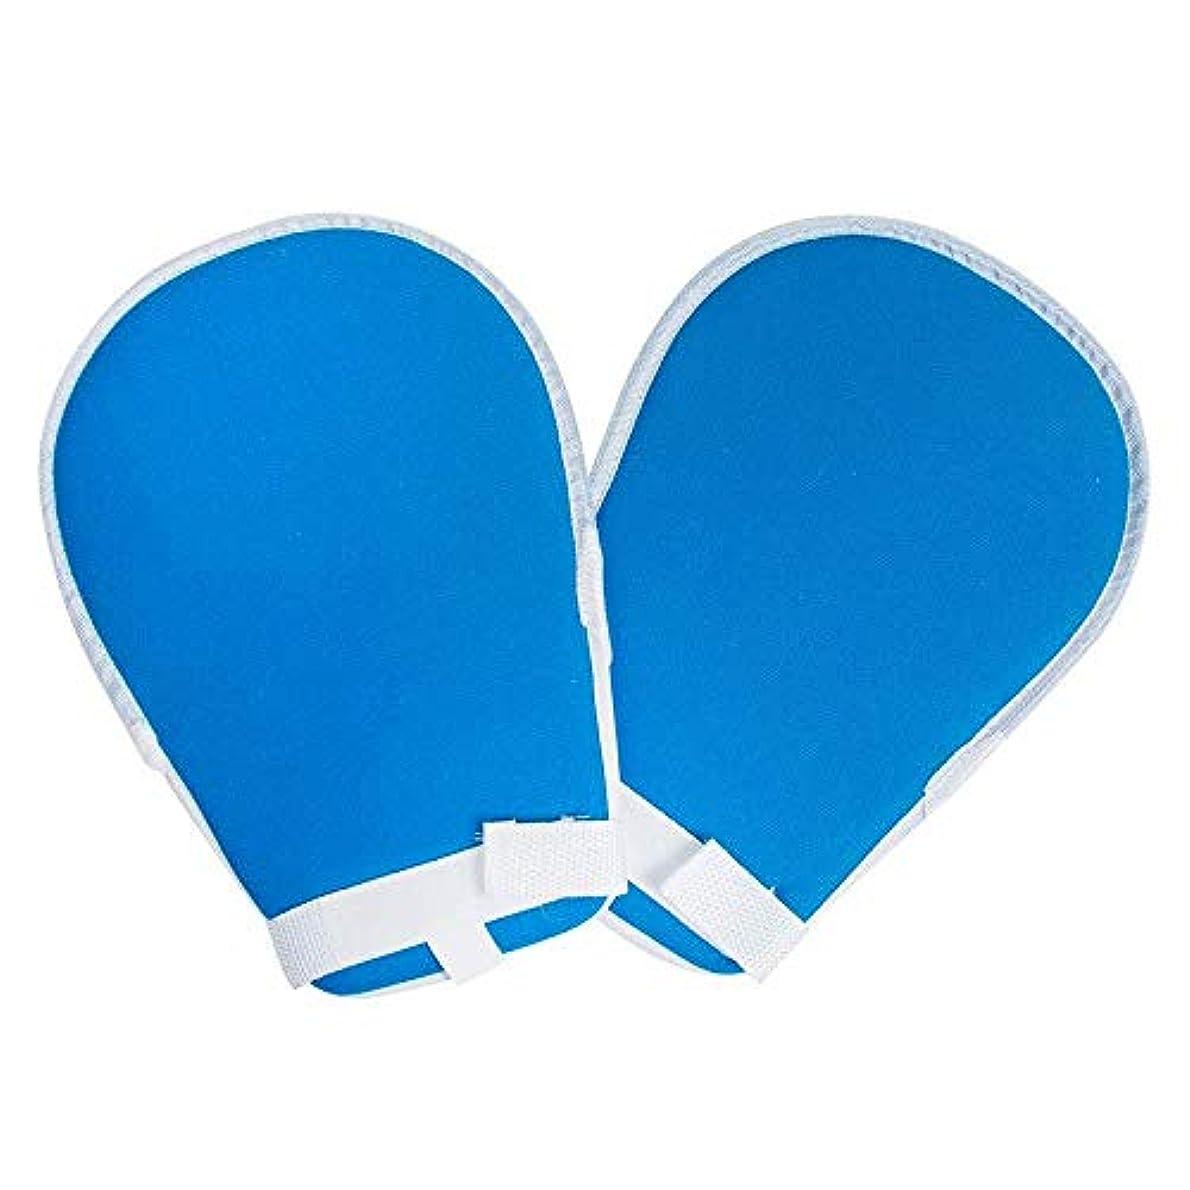 バーマド獣お気に入りプロテクターパッド入りフィンガーコントロールミット防止チューブ手防止予防患者の傷自己害患者の手感染指の害固定高齢者